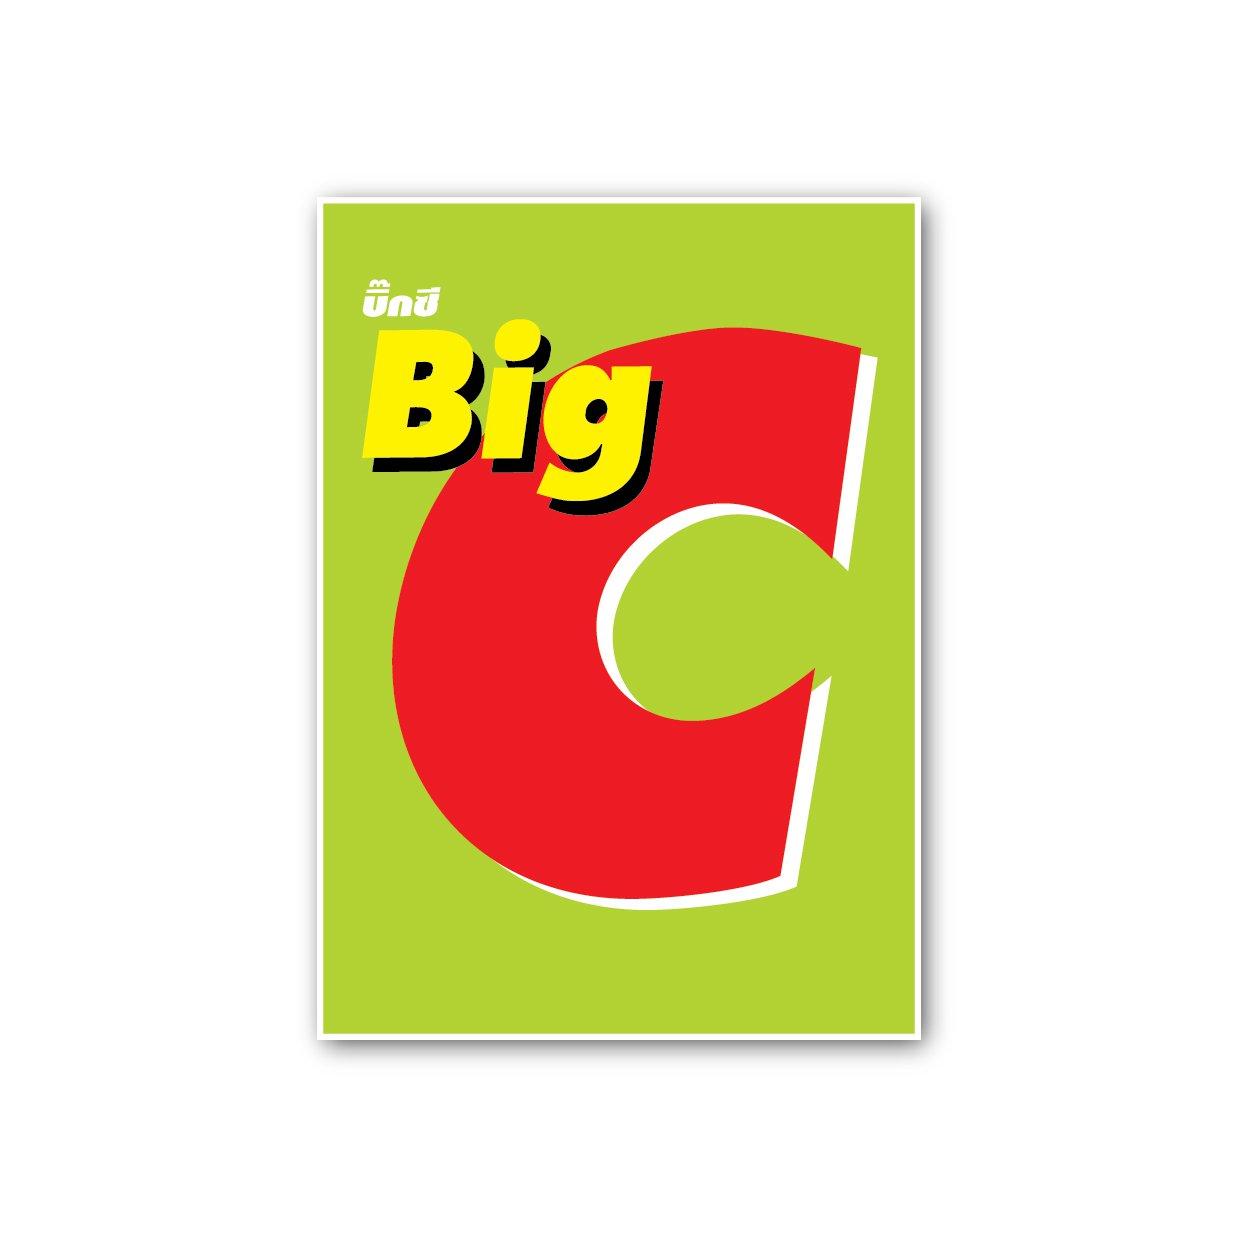 big-c-logo